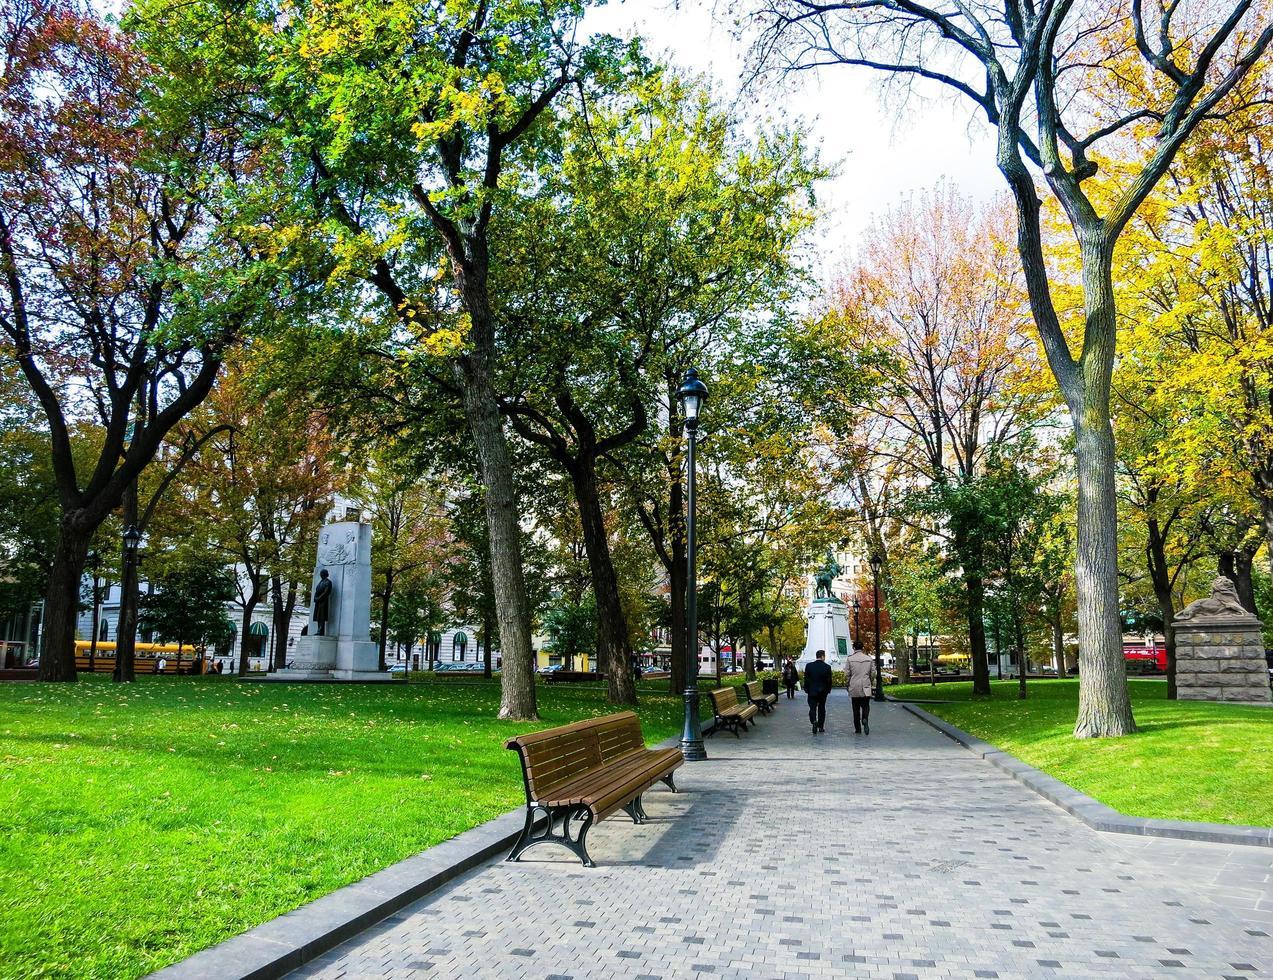 gente en un parque en el centro de montreal, canadá foto